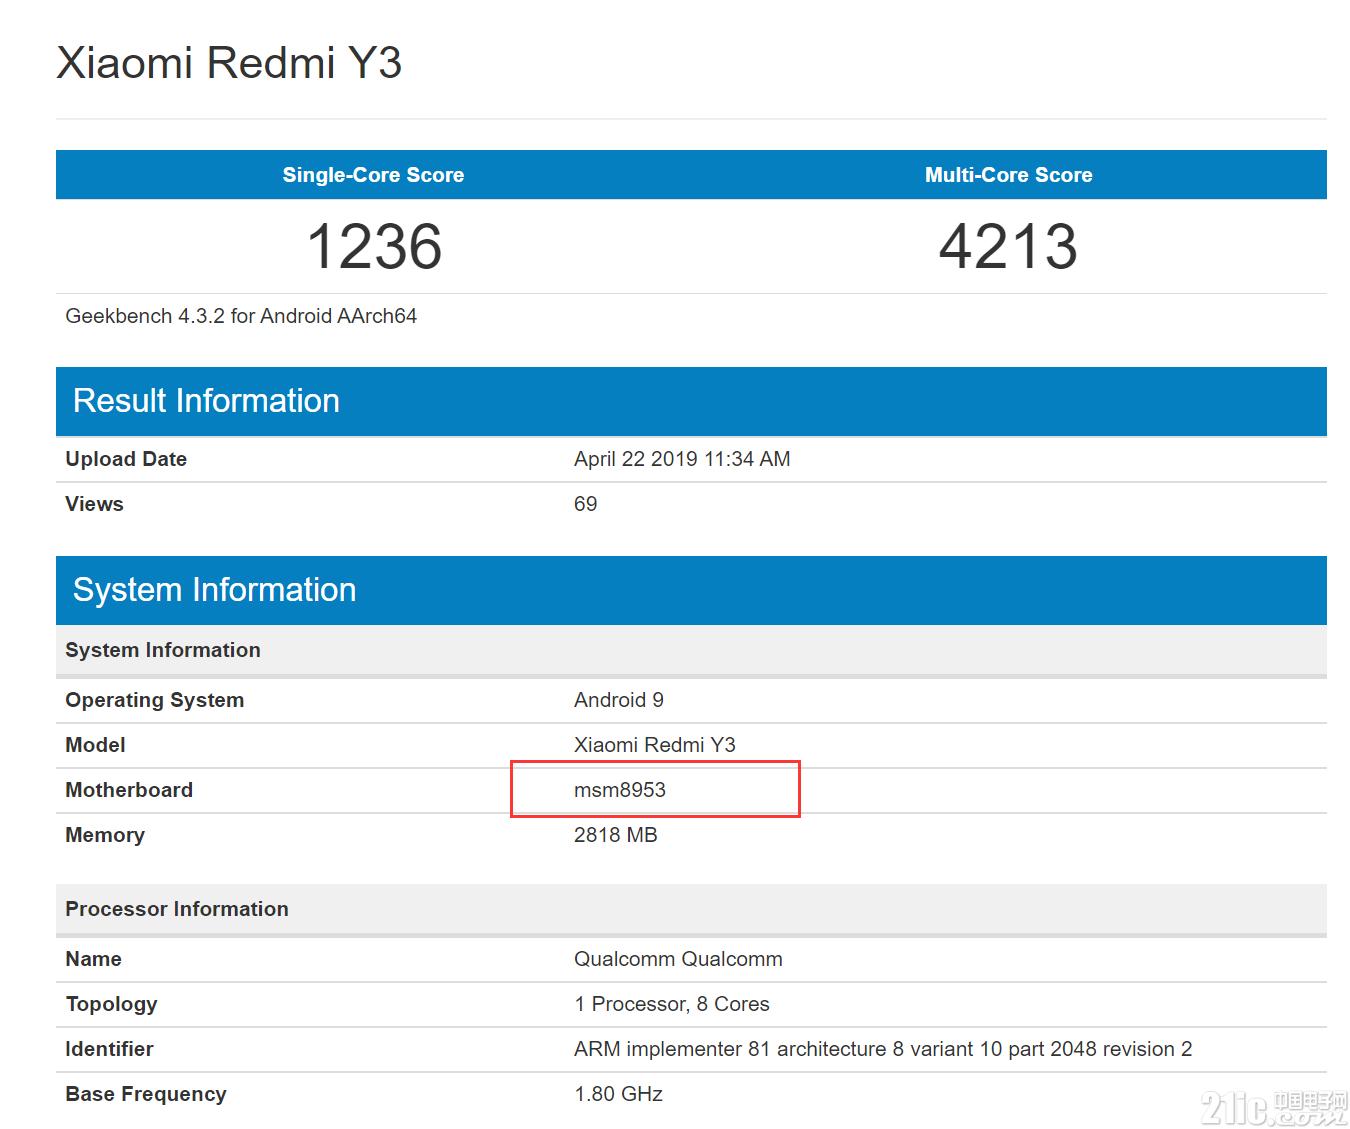 红米Y3现身跑分库:搭载骁龙625处理器,运行Android 9系统!